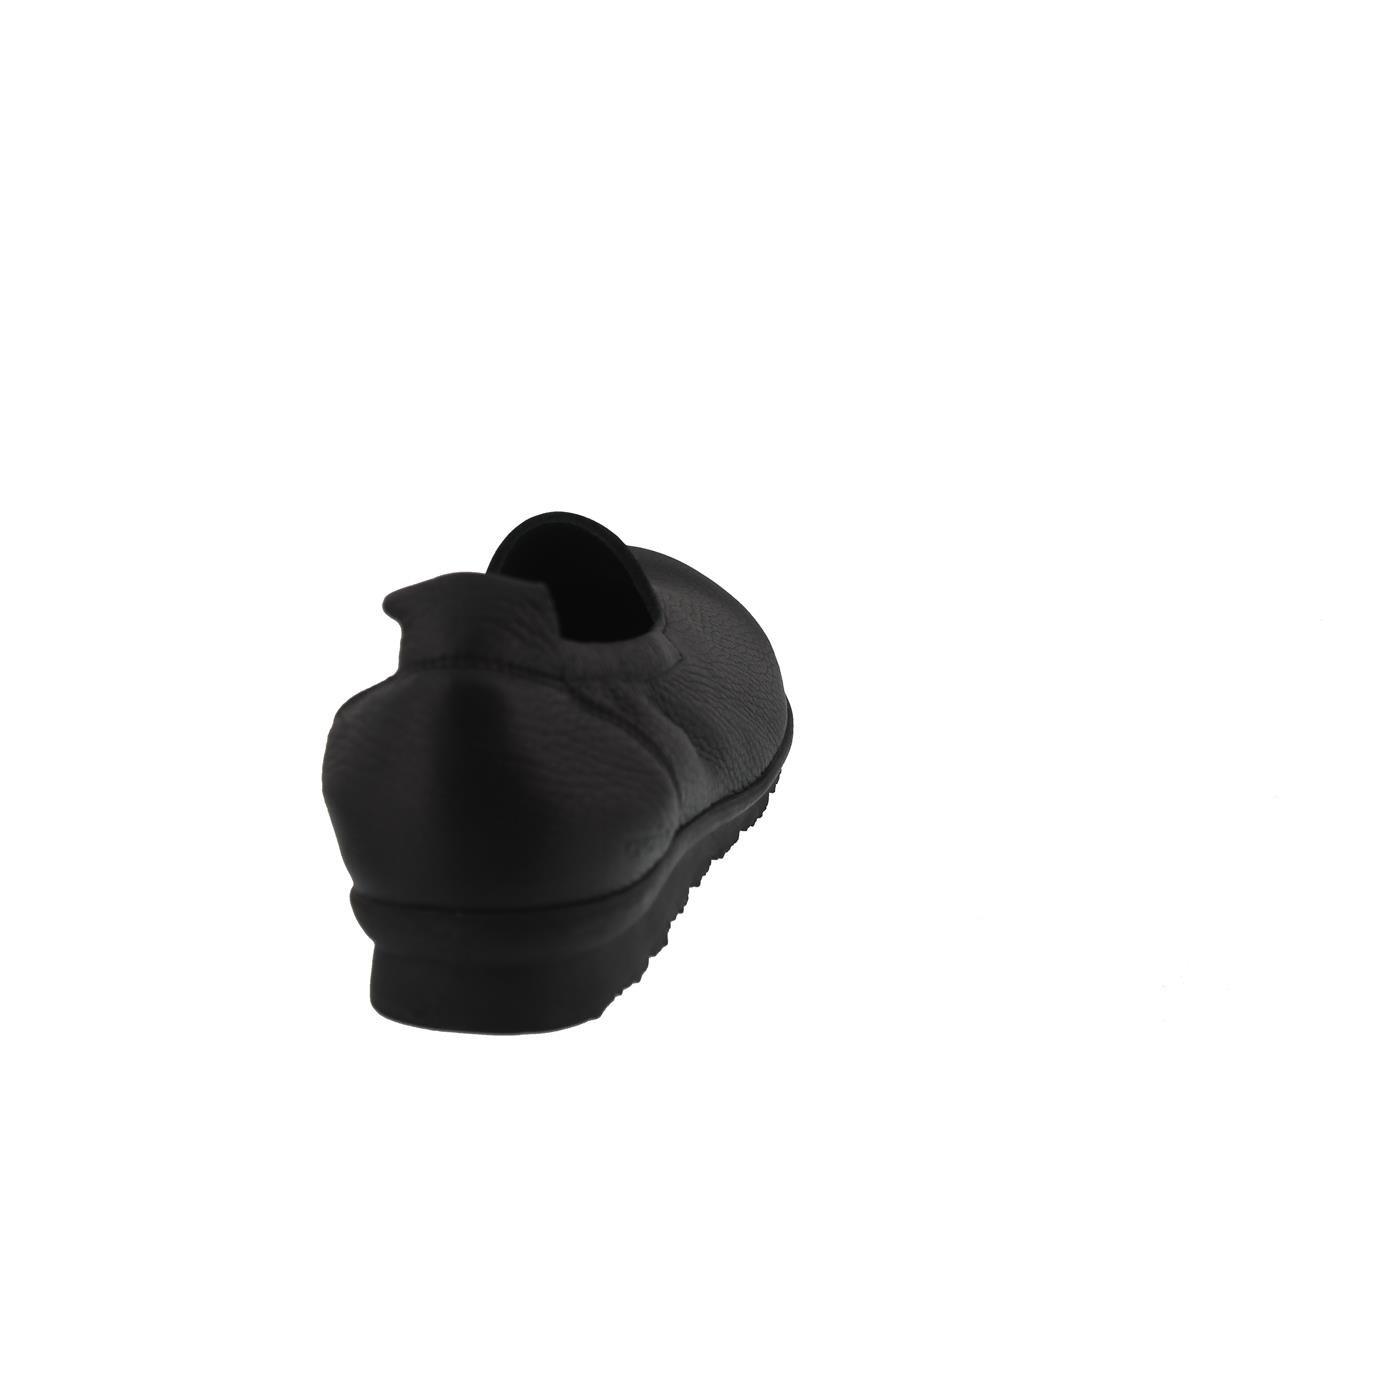 Arche Barral, Slipper, Cerf Pleine Latexsohle Fleur (Hirschleder), Schwarz (Noir), Latexsohle Pleine Noir 16760e